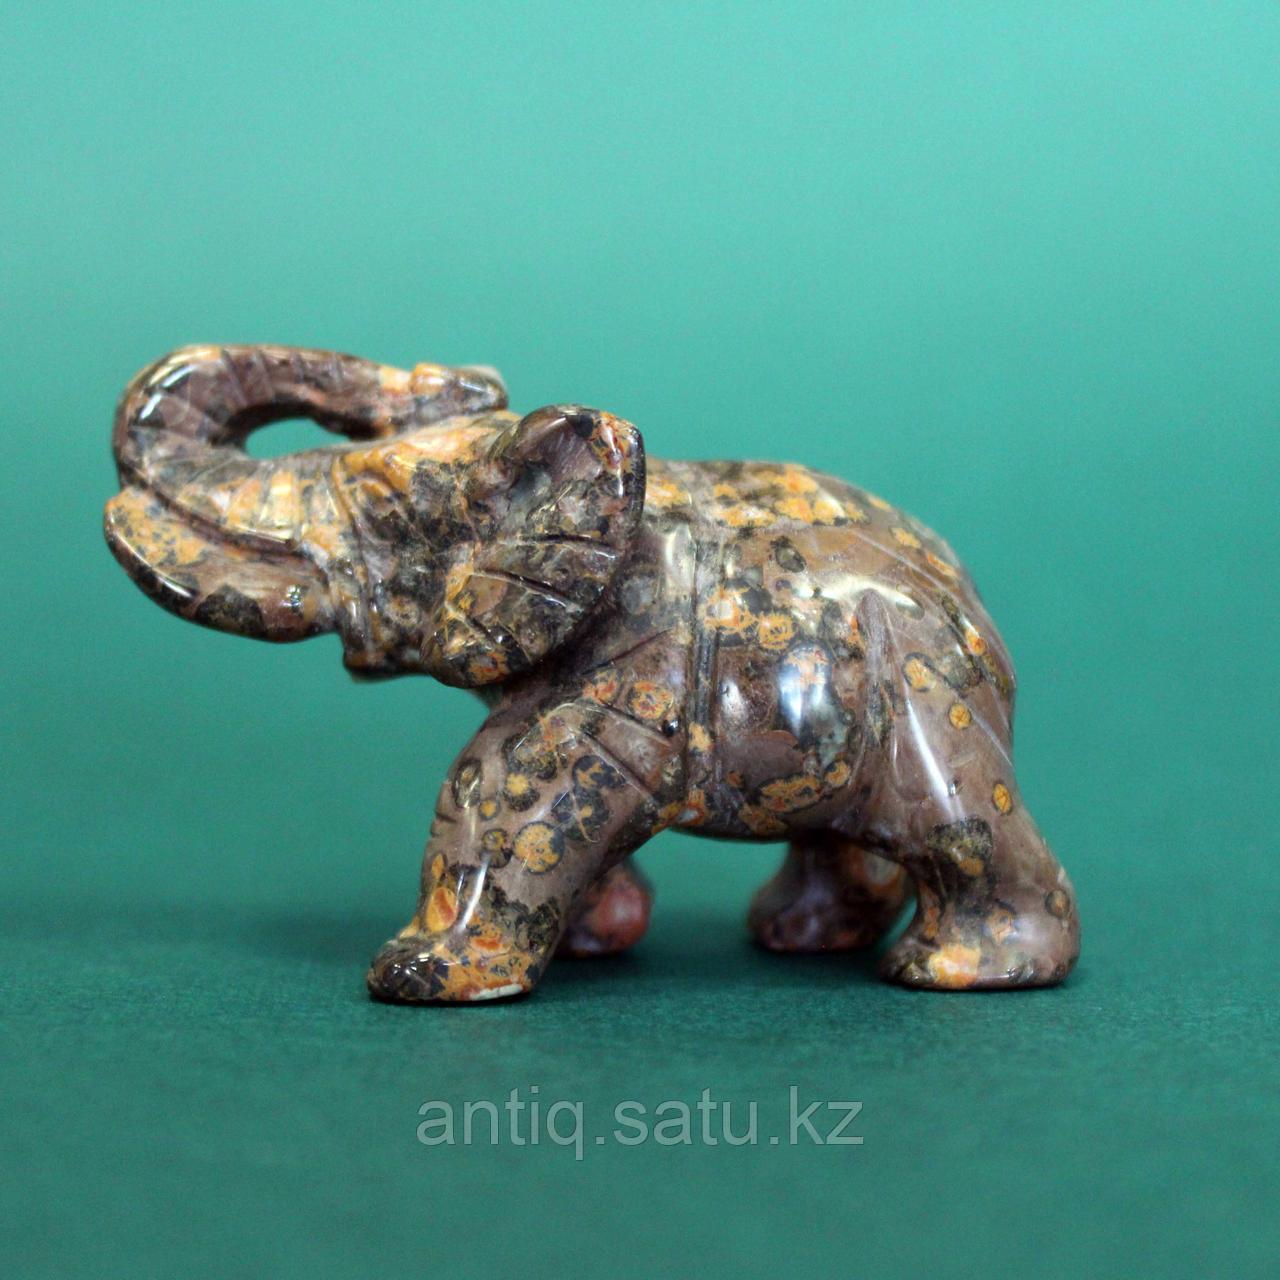 Слон из натурального камня. - фото 3